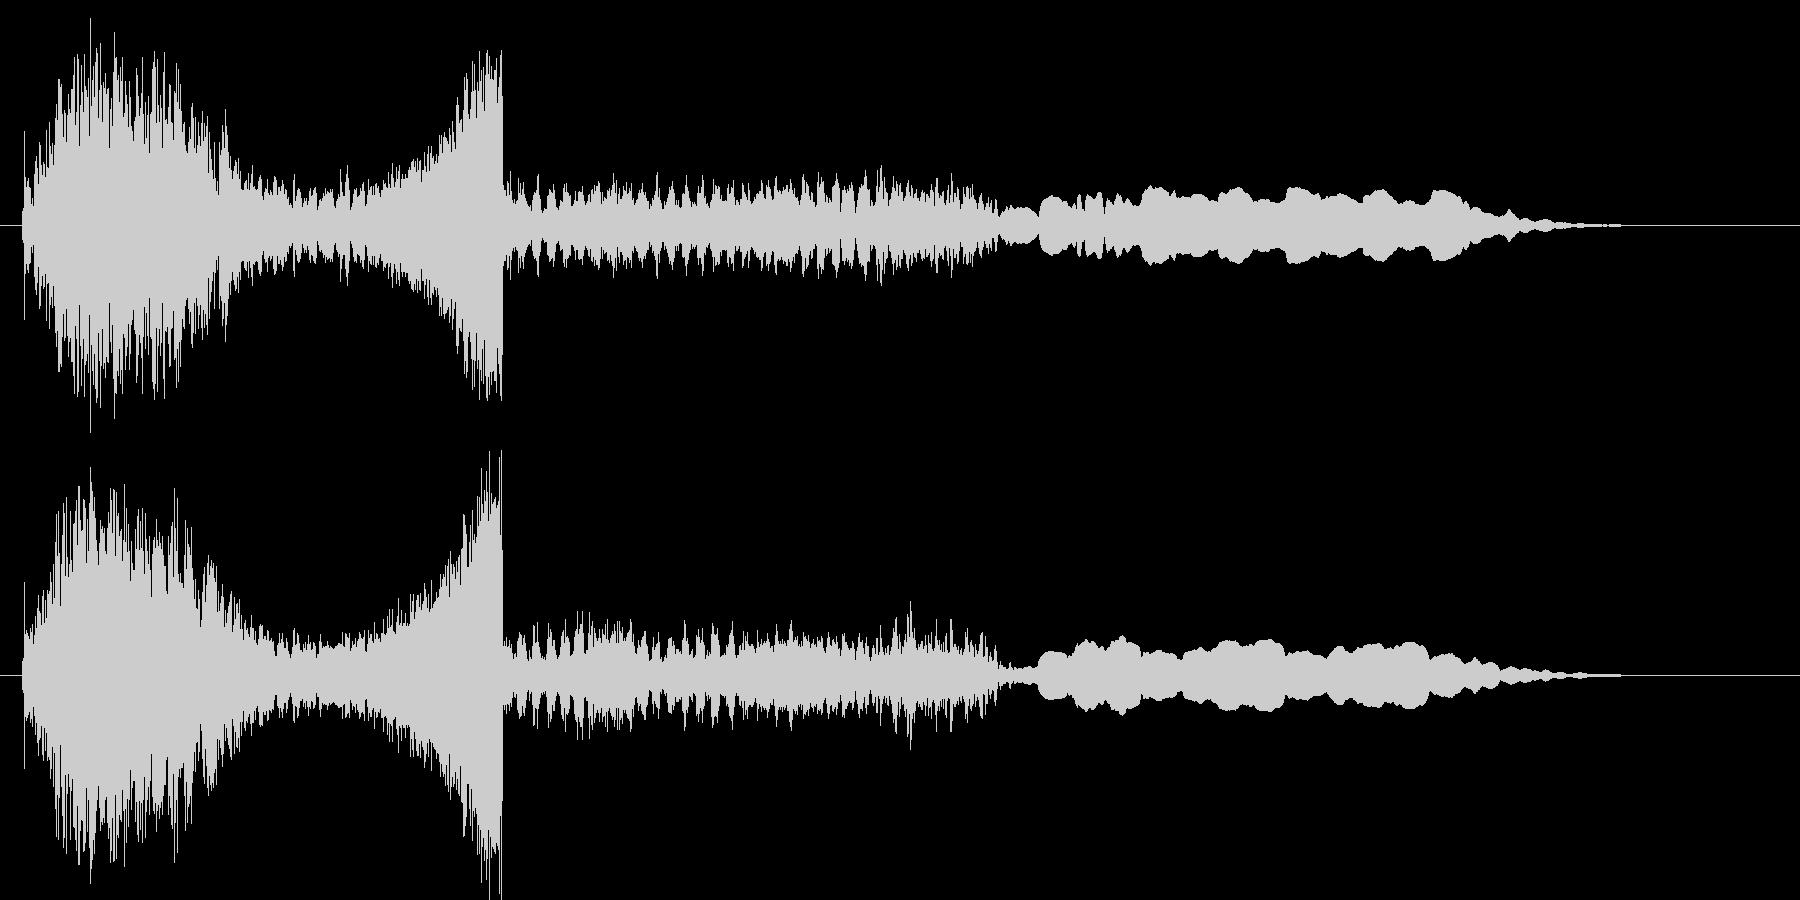 ユンユンユンユン… (UFOの交信音)の未再生の波形